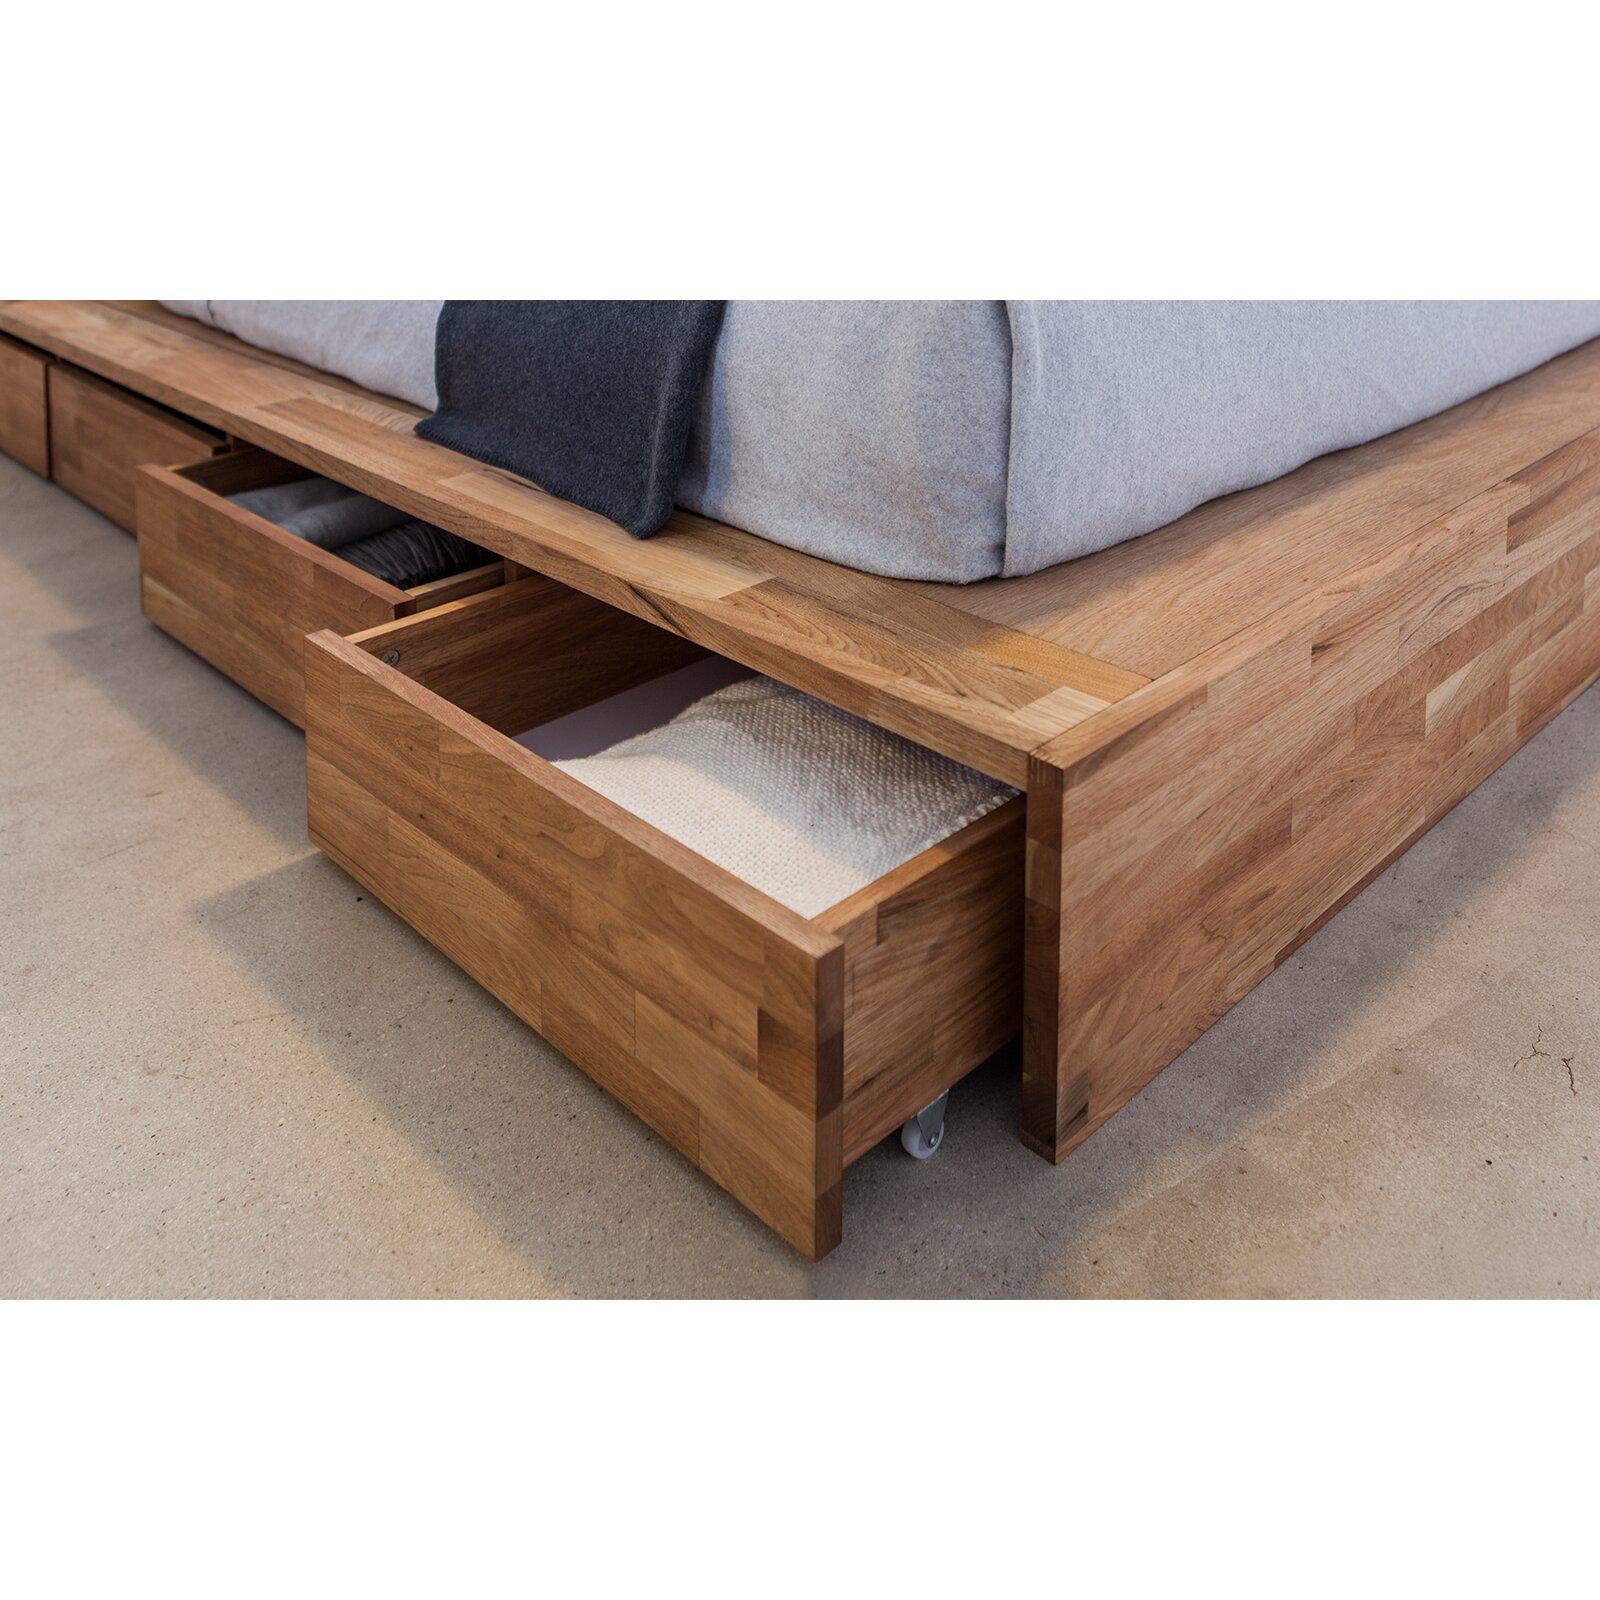 Lax series storage platform bed reviews allmodern - Seagrass platform bed ...